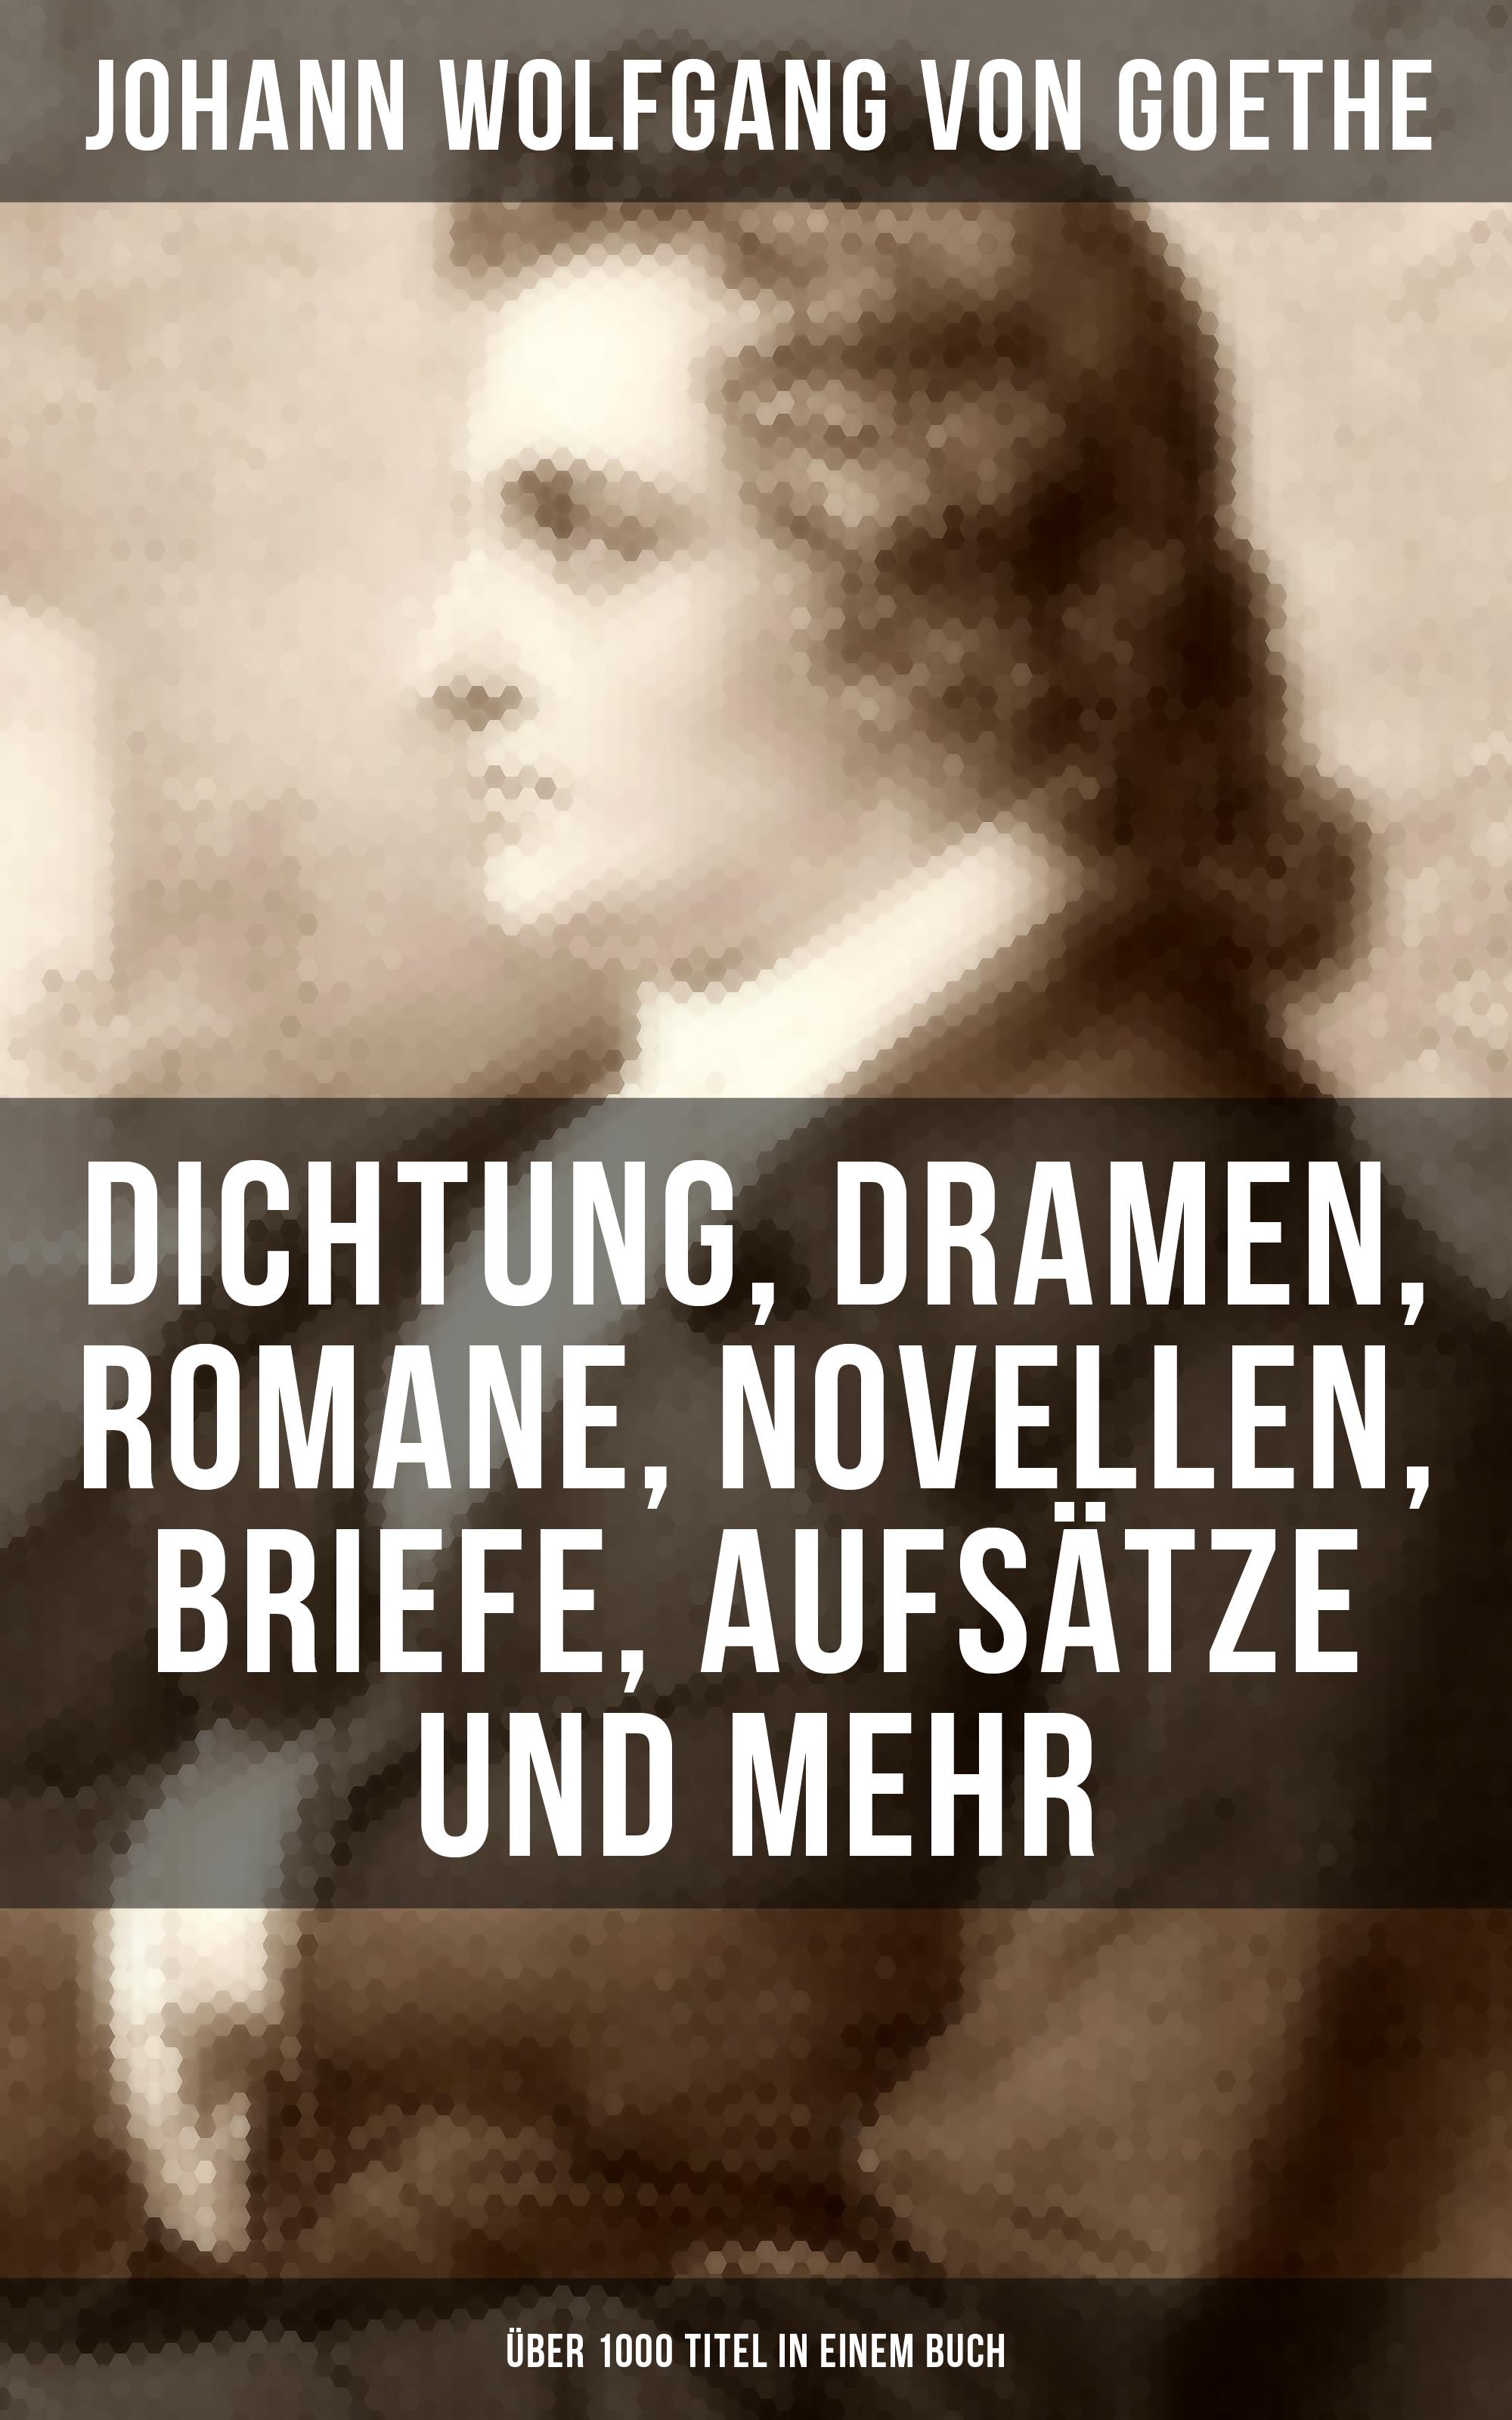 Johann Wolfgang von Goethe Goethe: Dichtung, Dramen, Romane, Novellen, Briefe, Aufsätze und mehr (Über 1000 Titel in einem Buch)